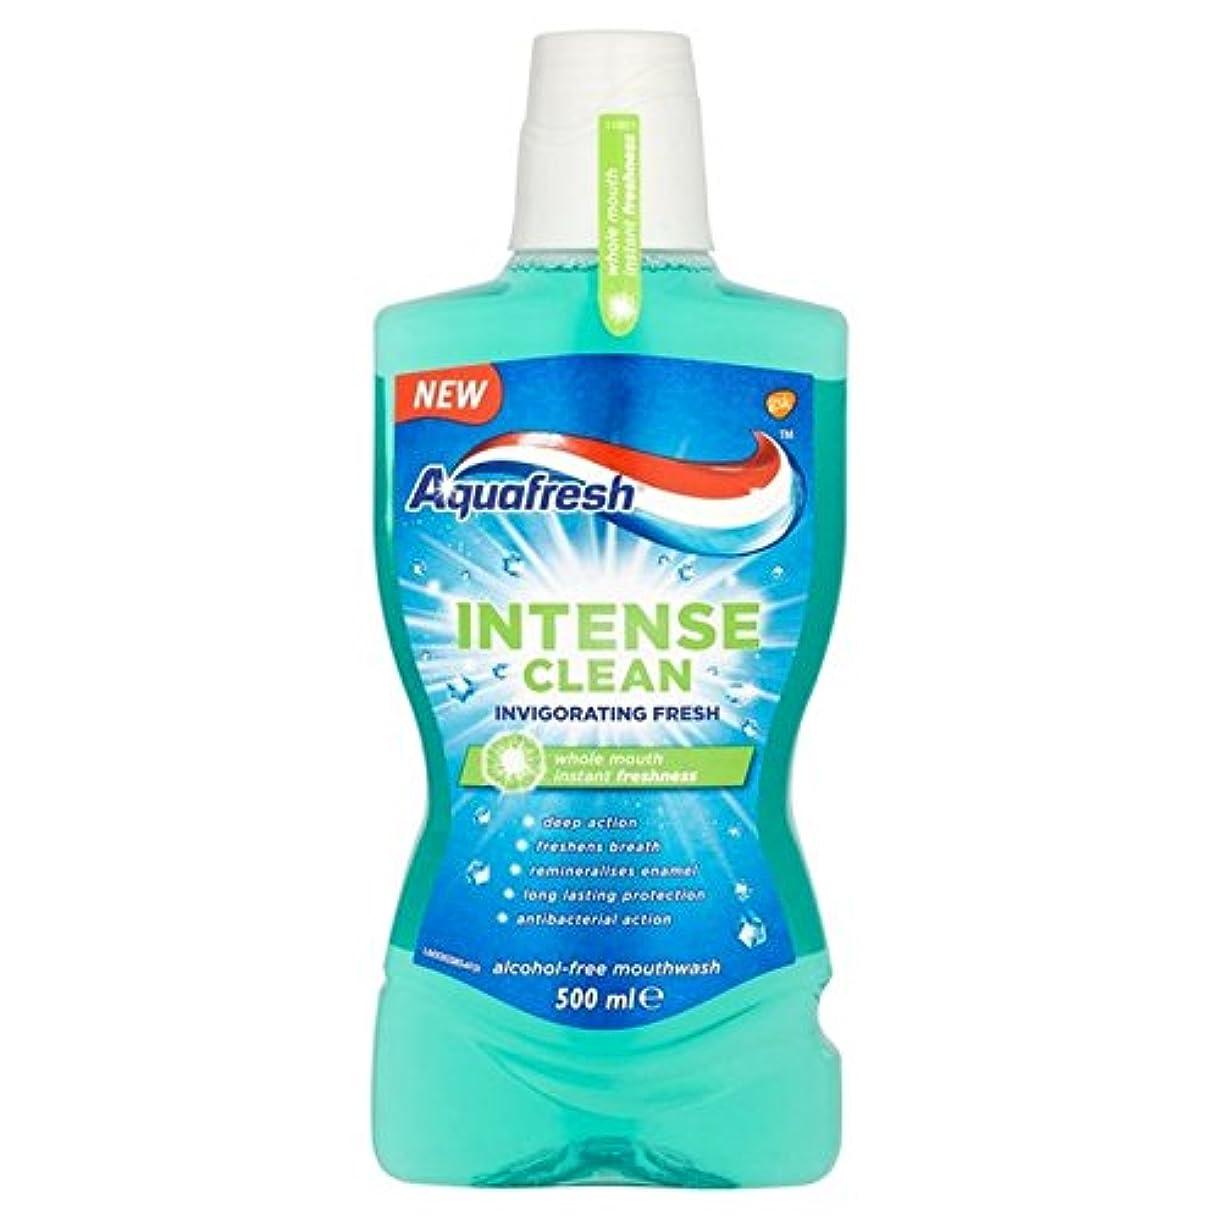 マント協会欲望Aquafresh Intense Clean Invigorating Wash 500ml - アクアフレッシュ強烈なきれいな爽快ウォッシュ500ミリリットル [並行輸入品]